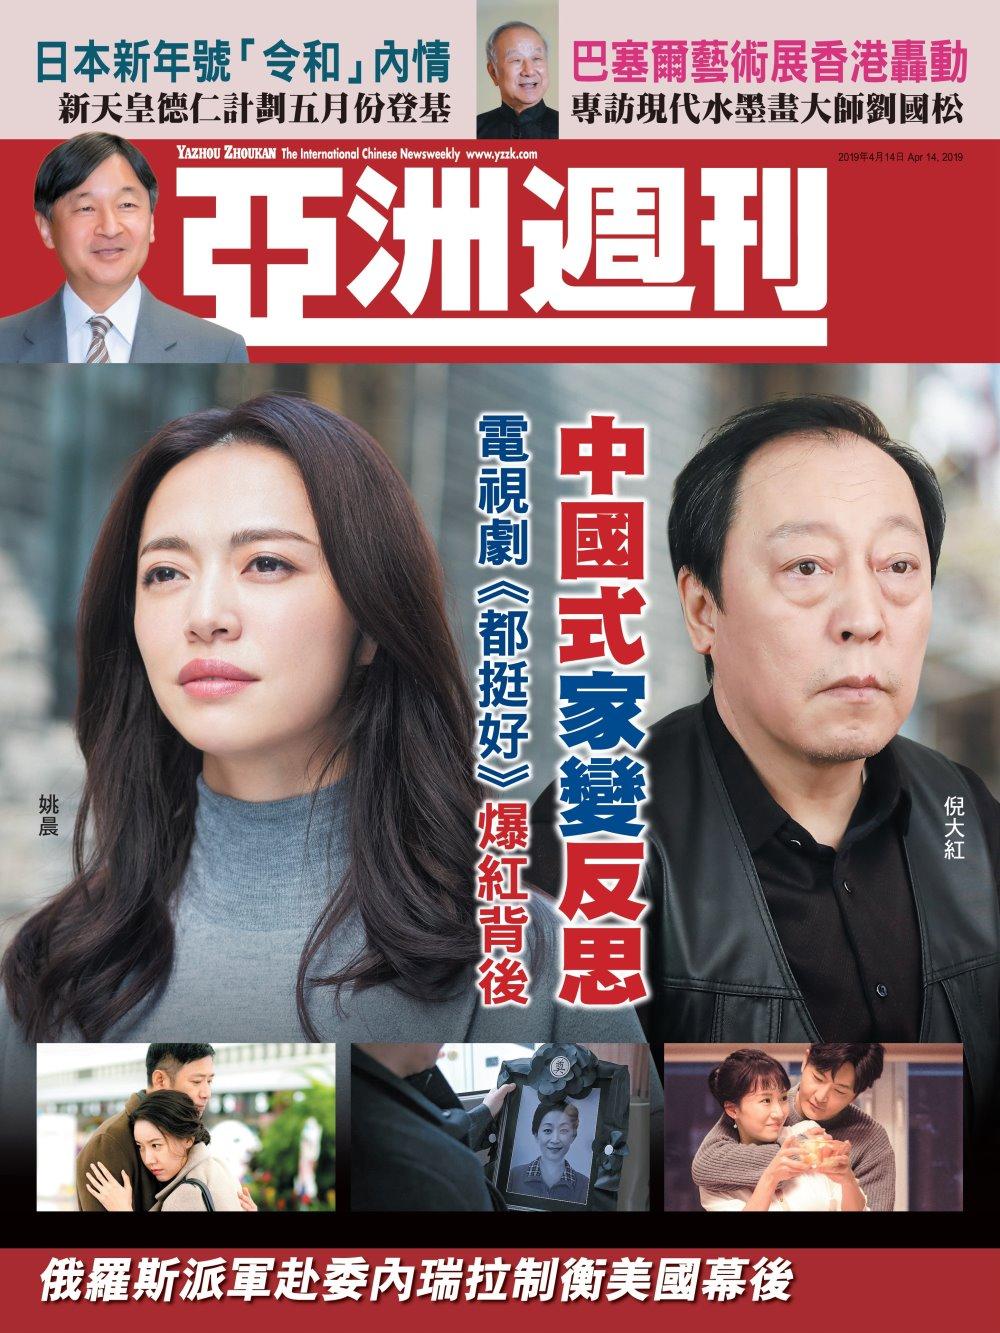 亞洲週刊 2019/4/14第14期